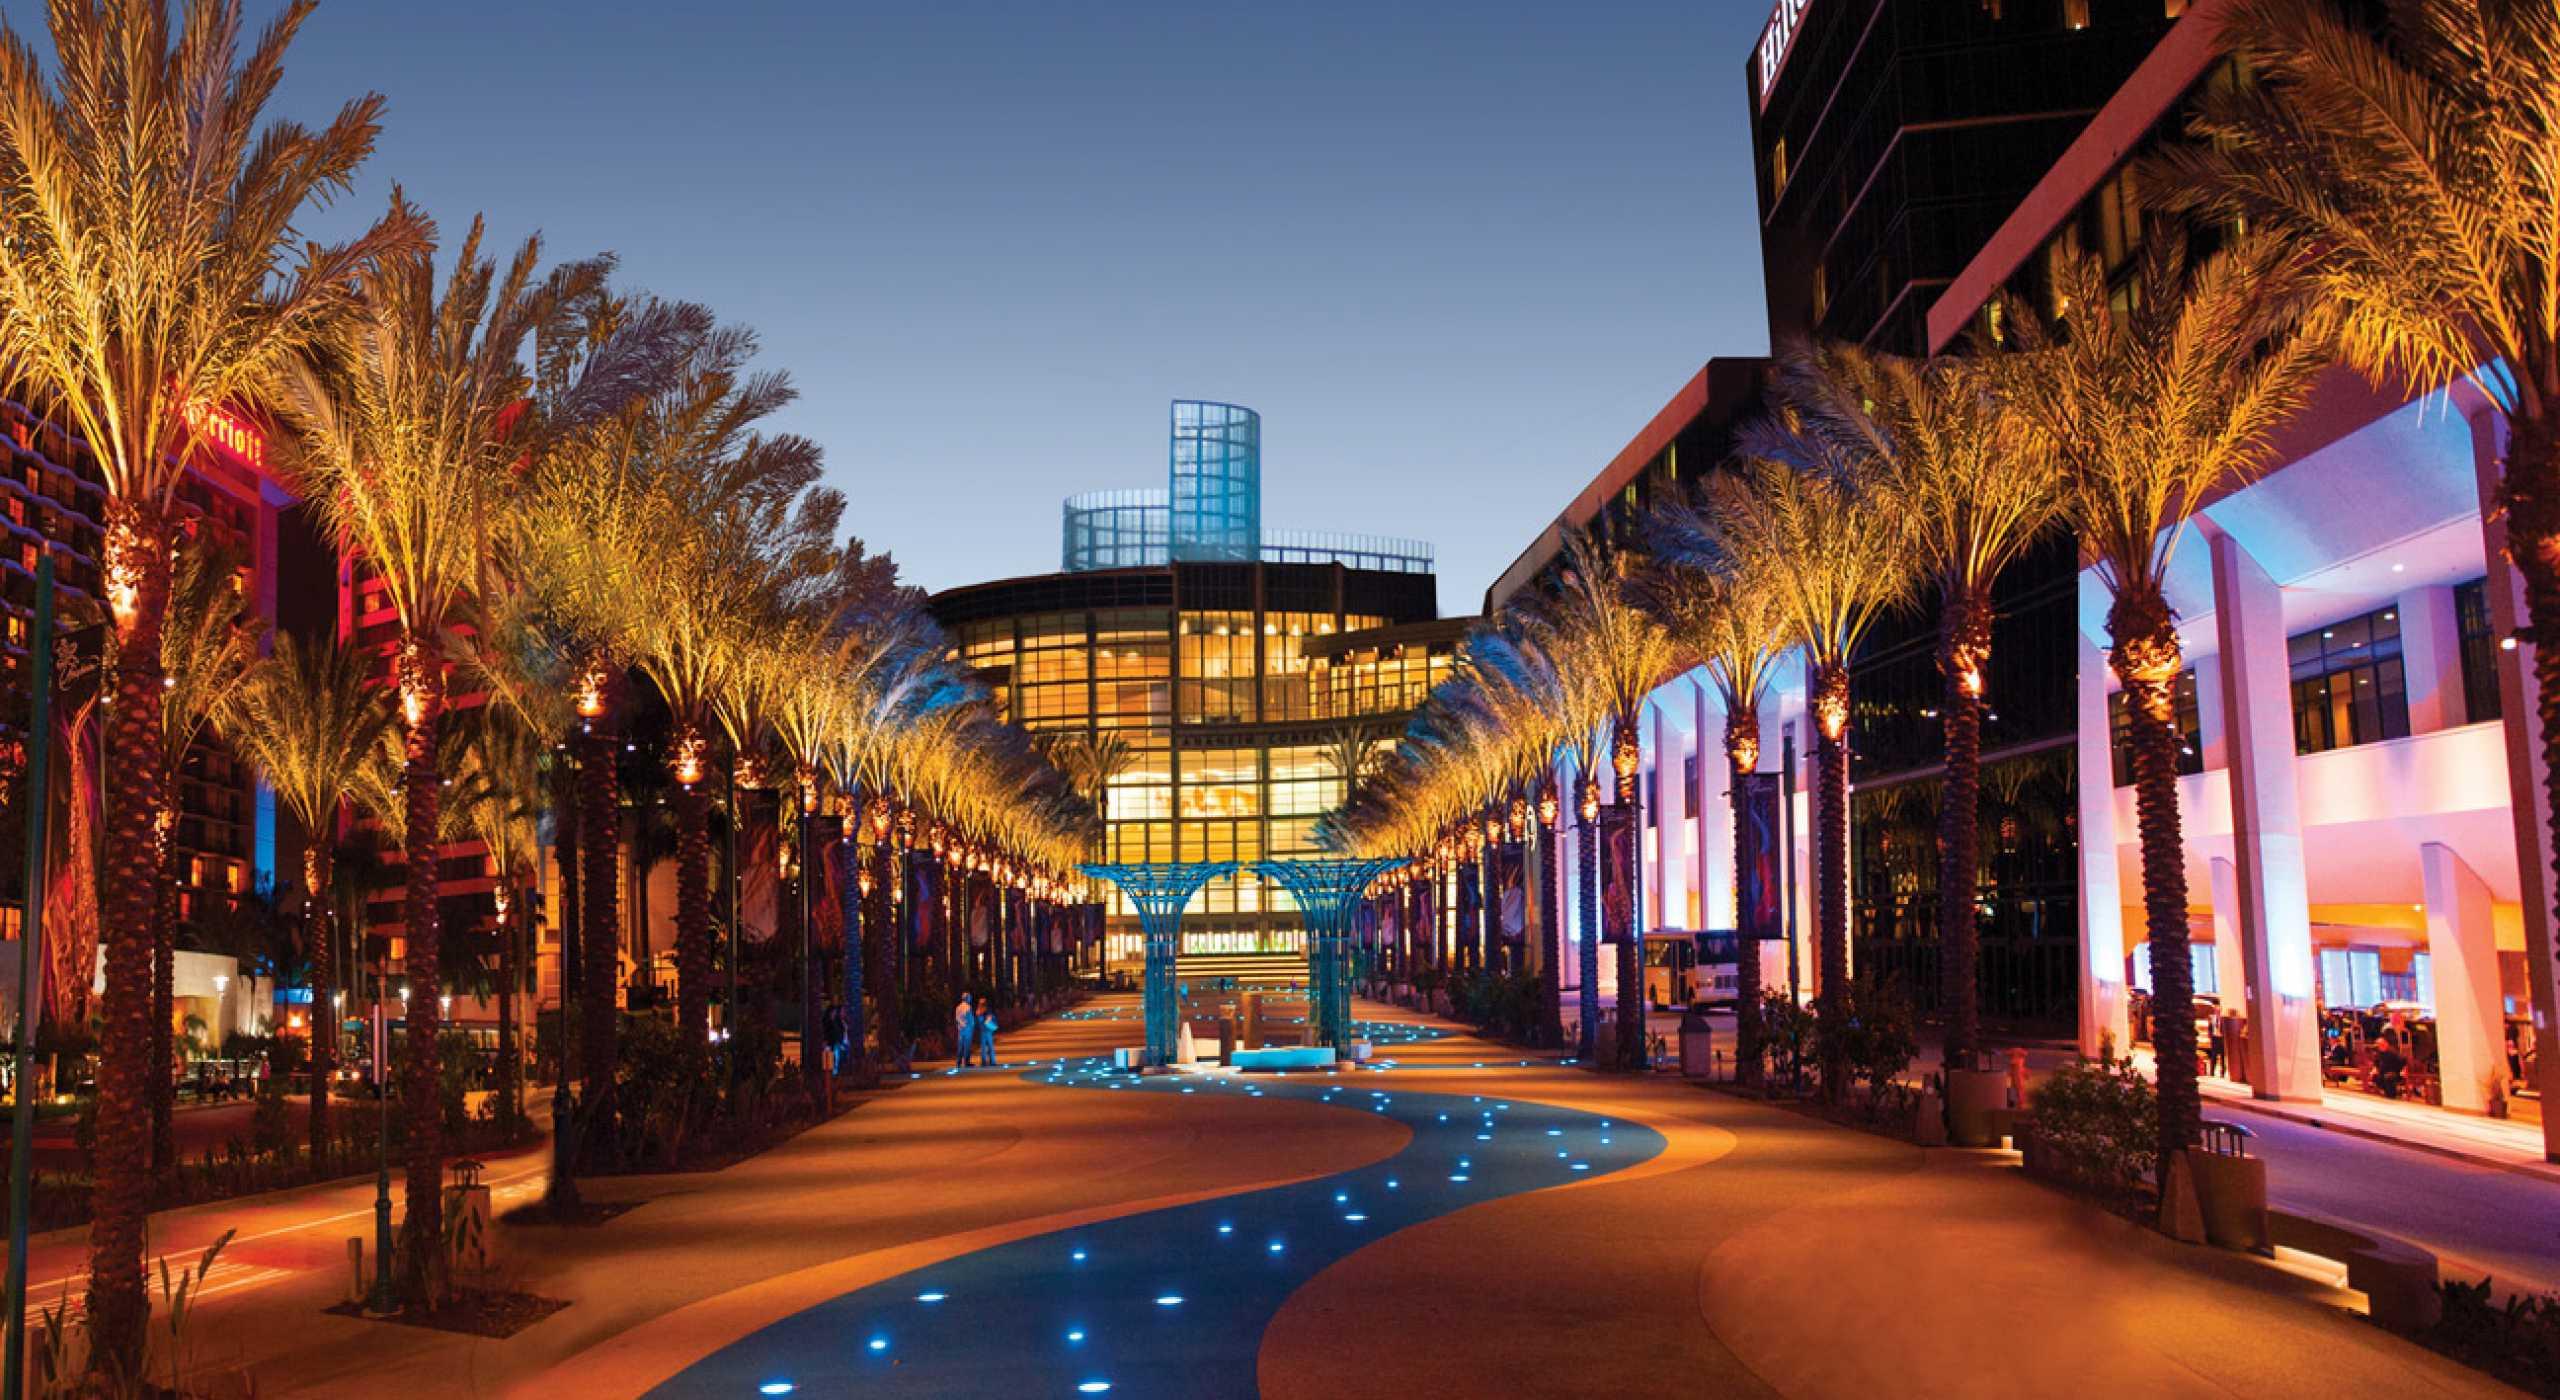 Anaheim tax preparation